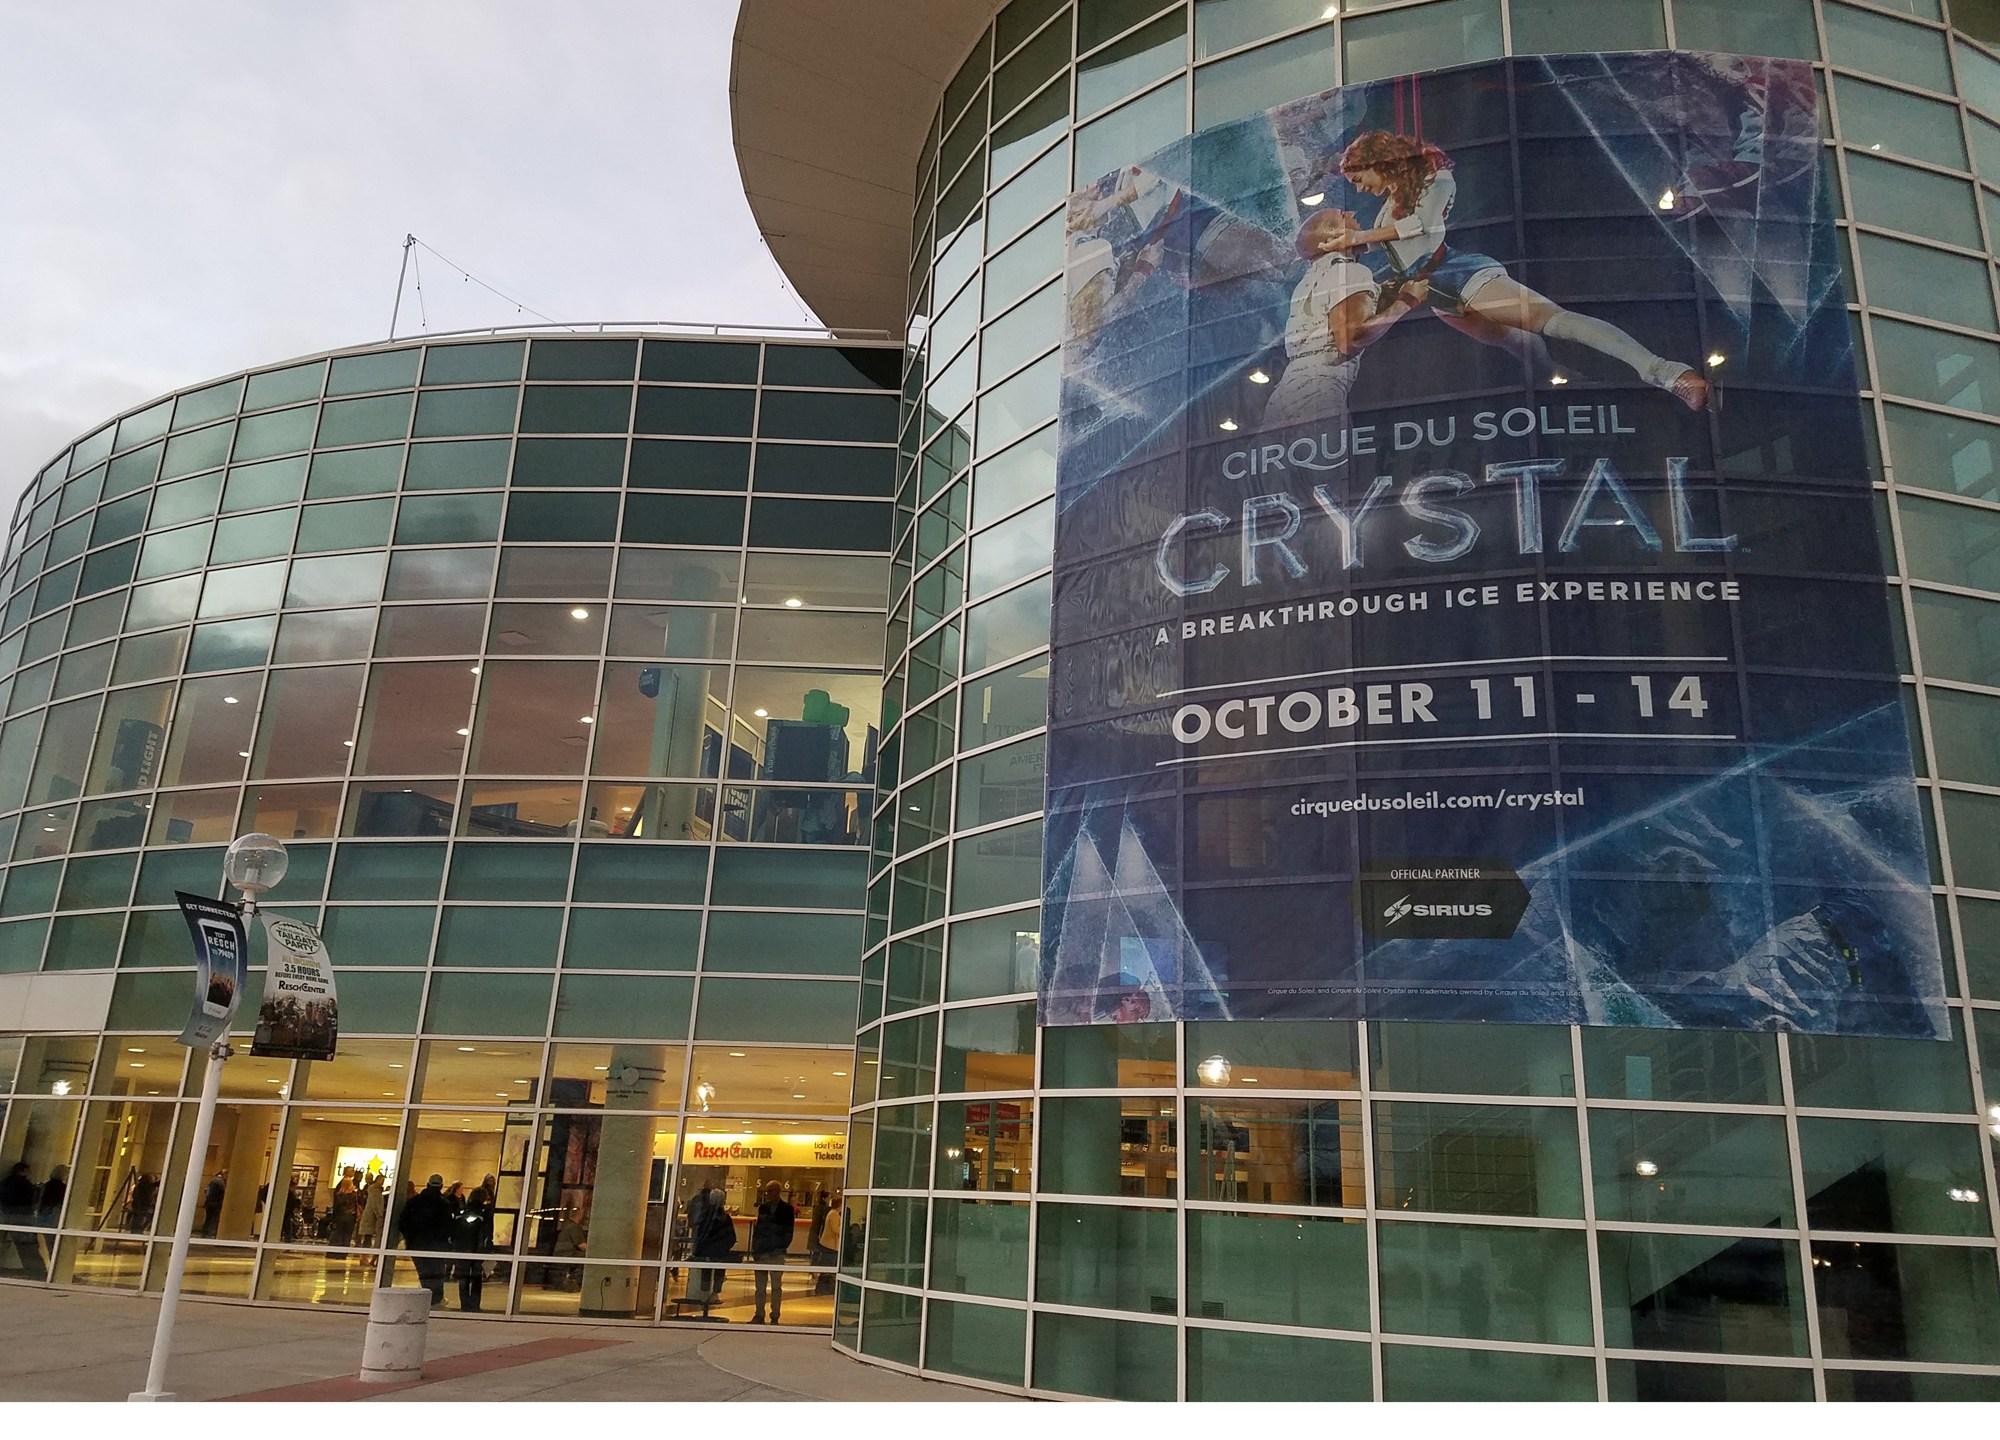 Resch Center Cirque Crystal_1539344948687.jpg.jpg